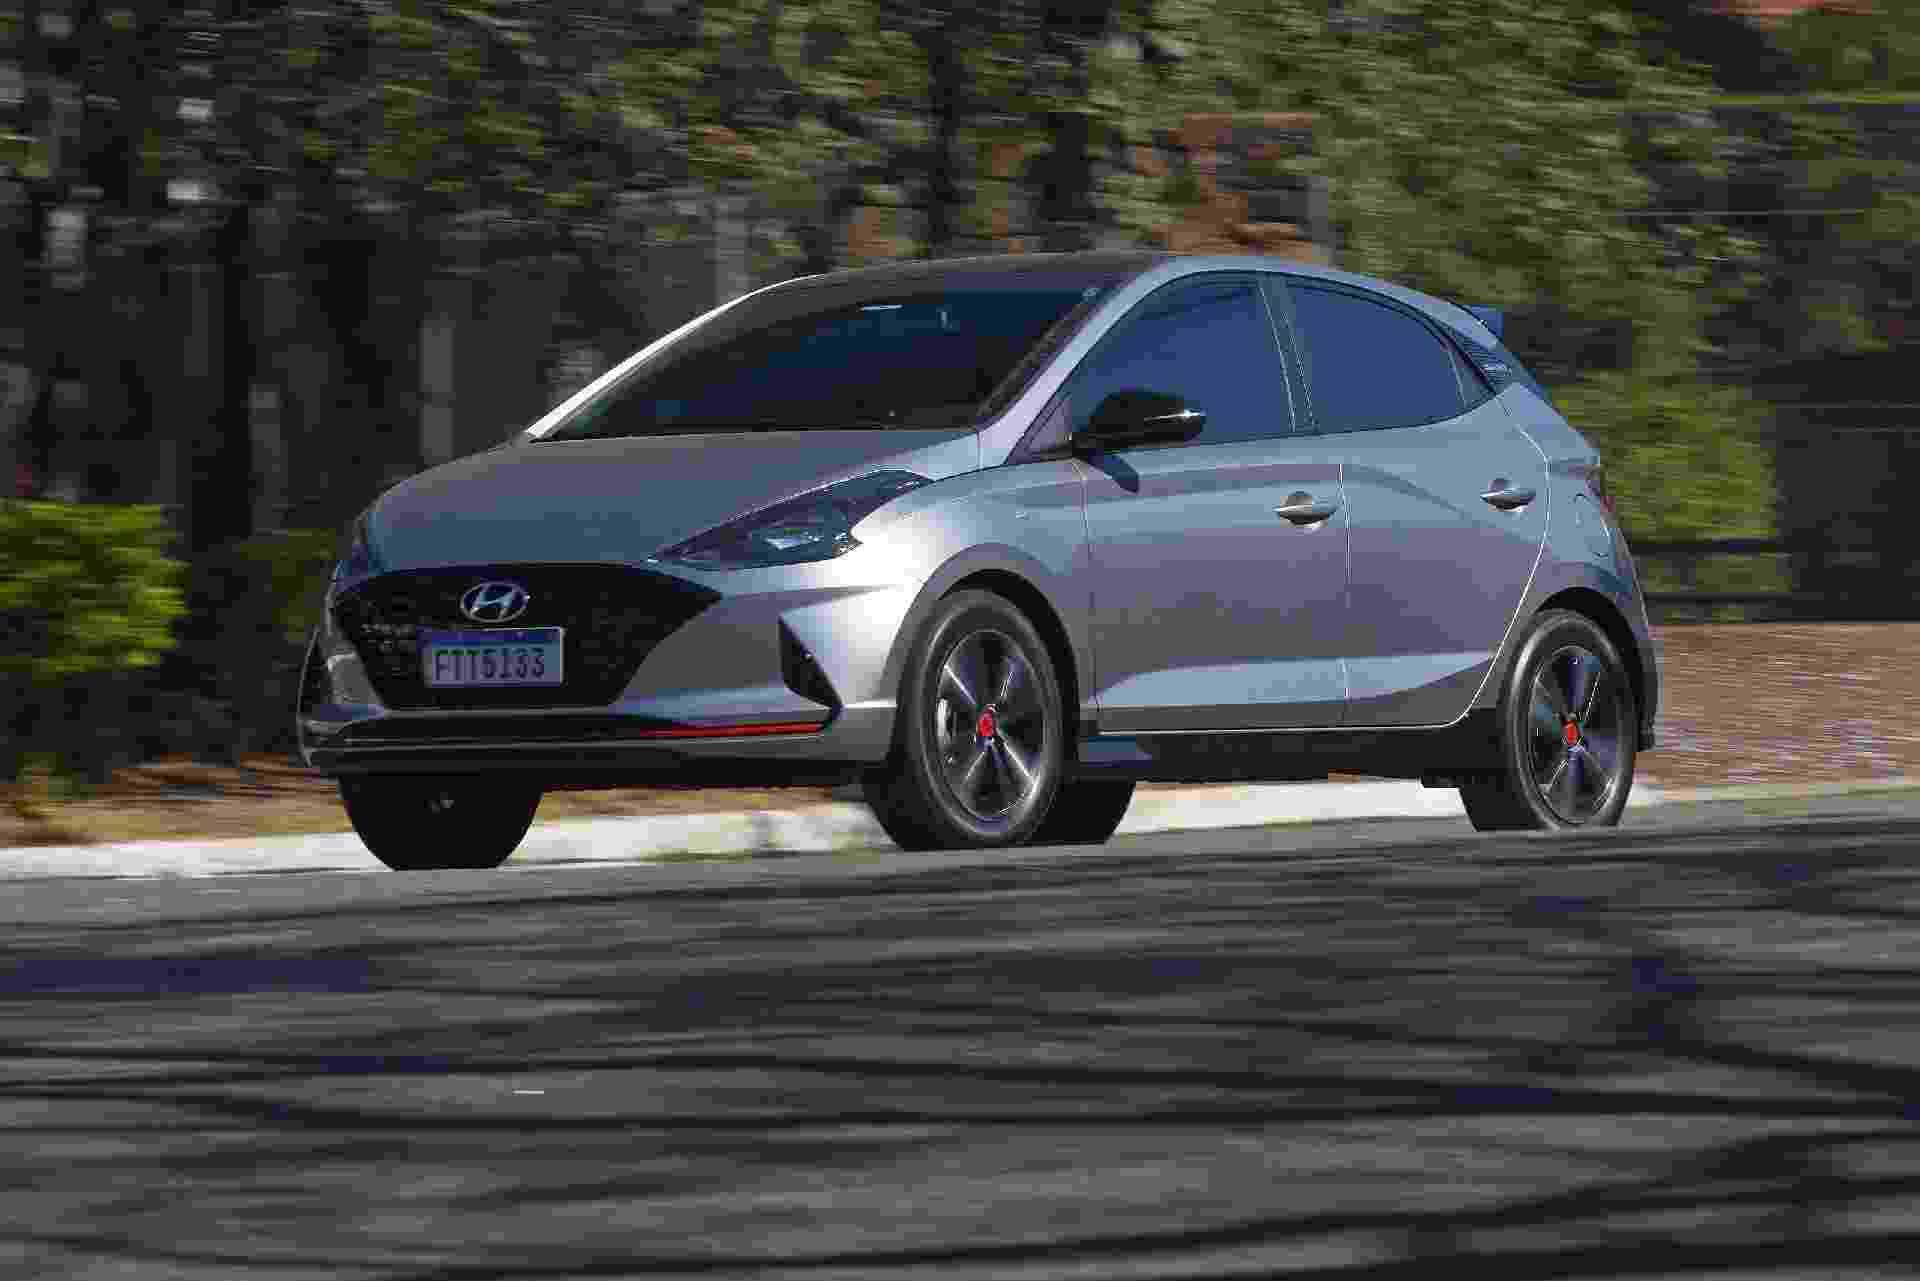 Hyundai HB20 Sport - Murilo Góes/UOL